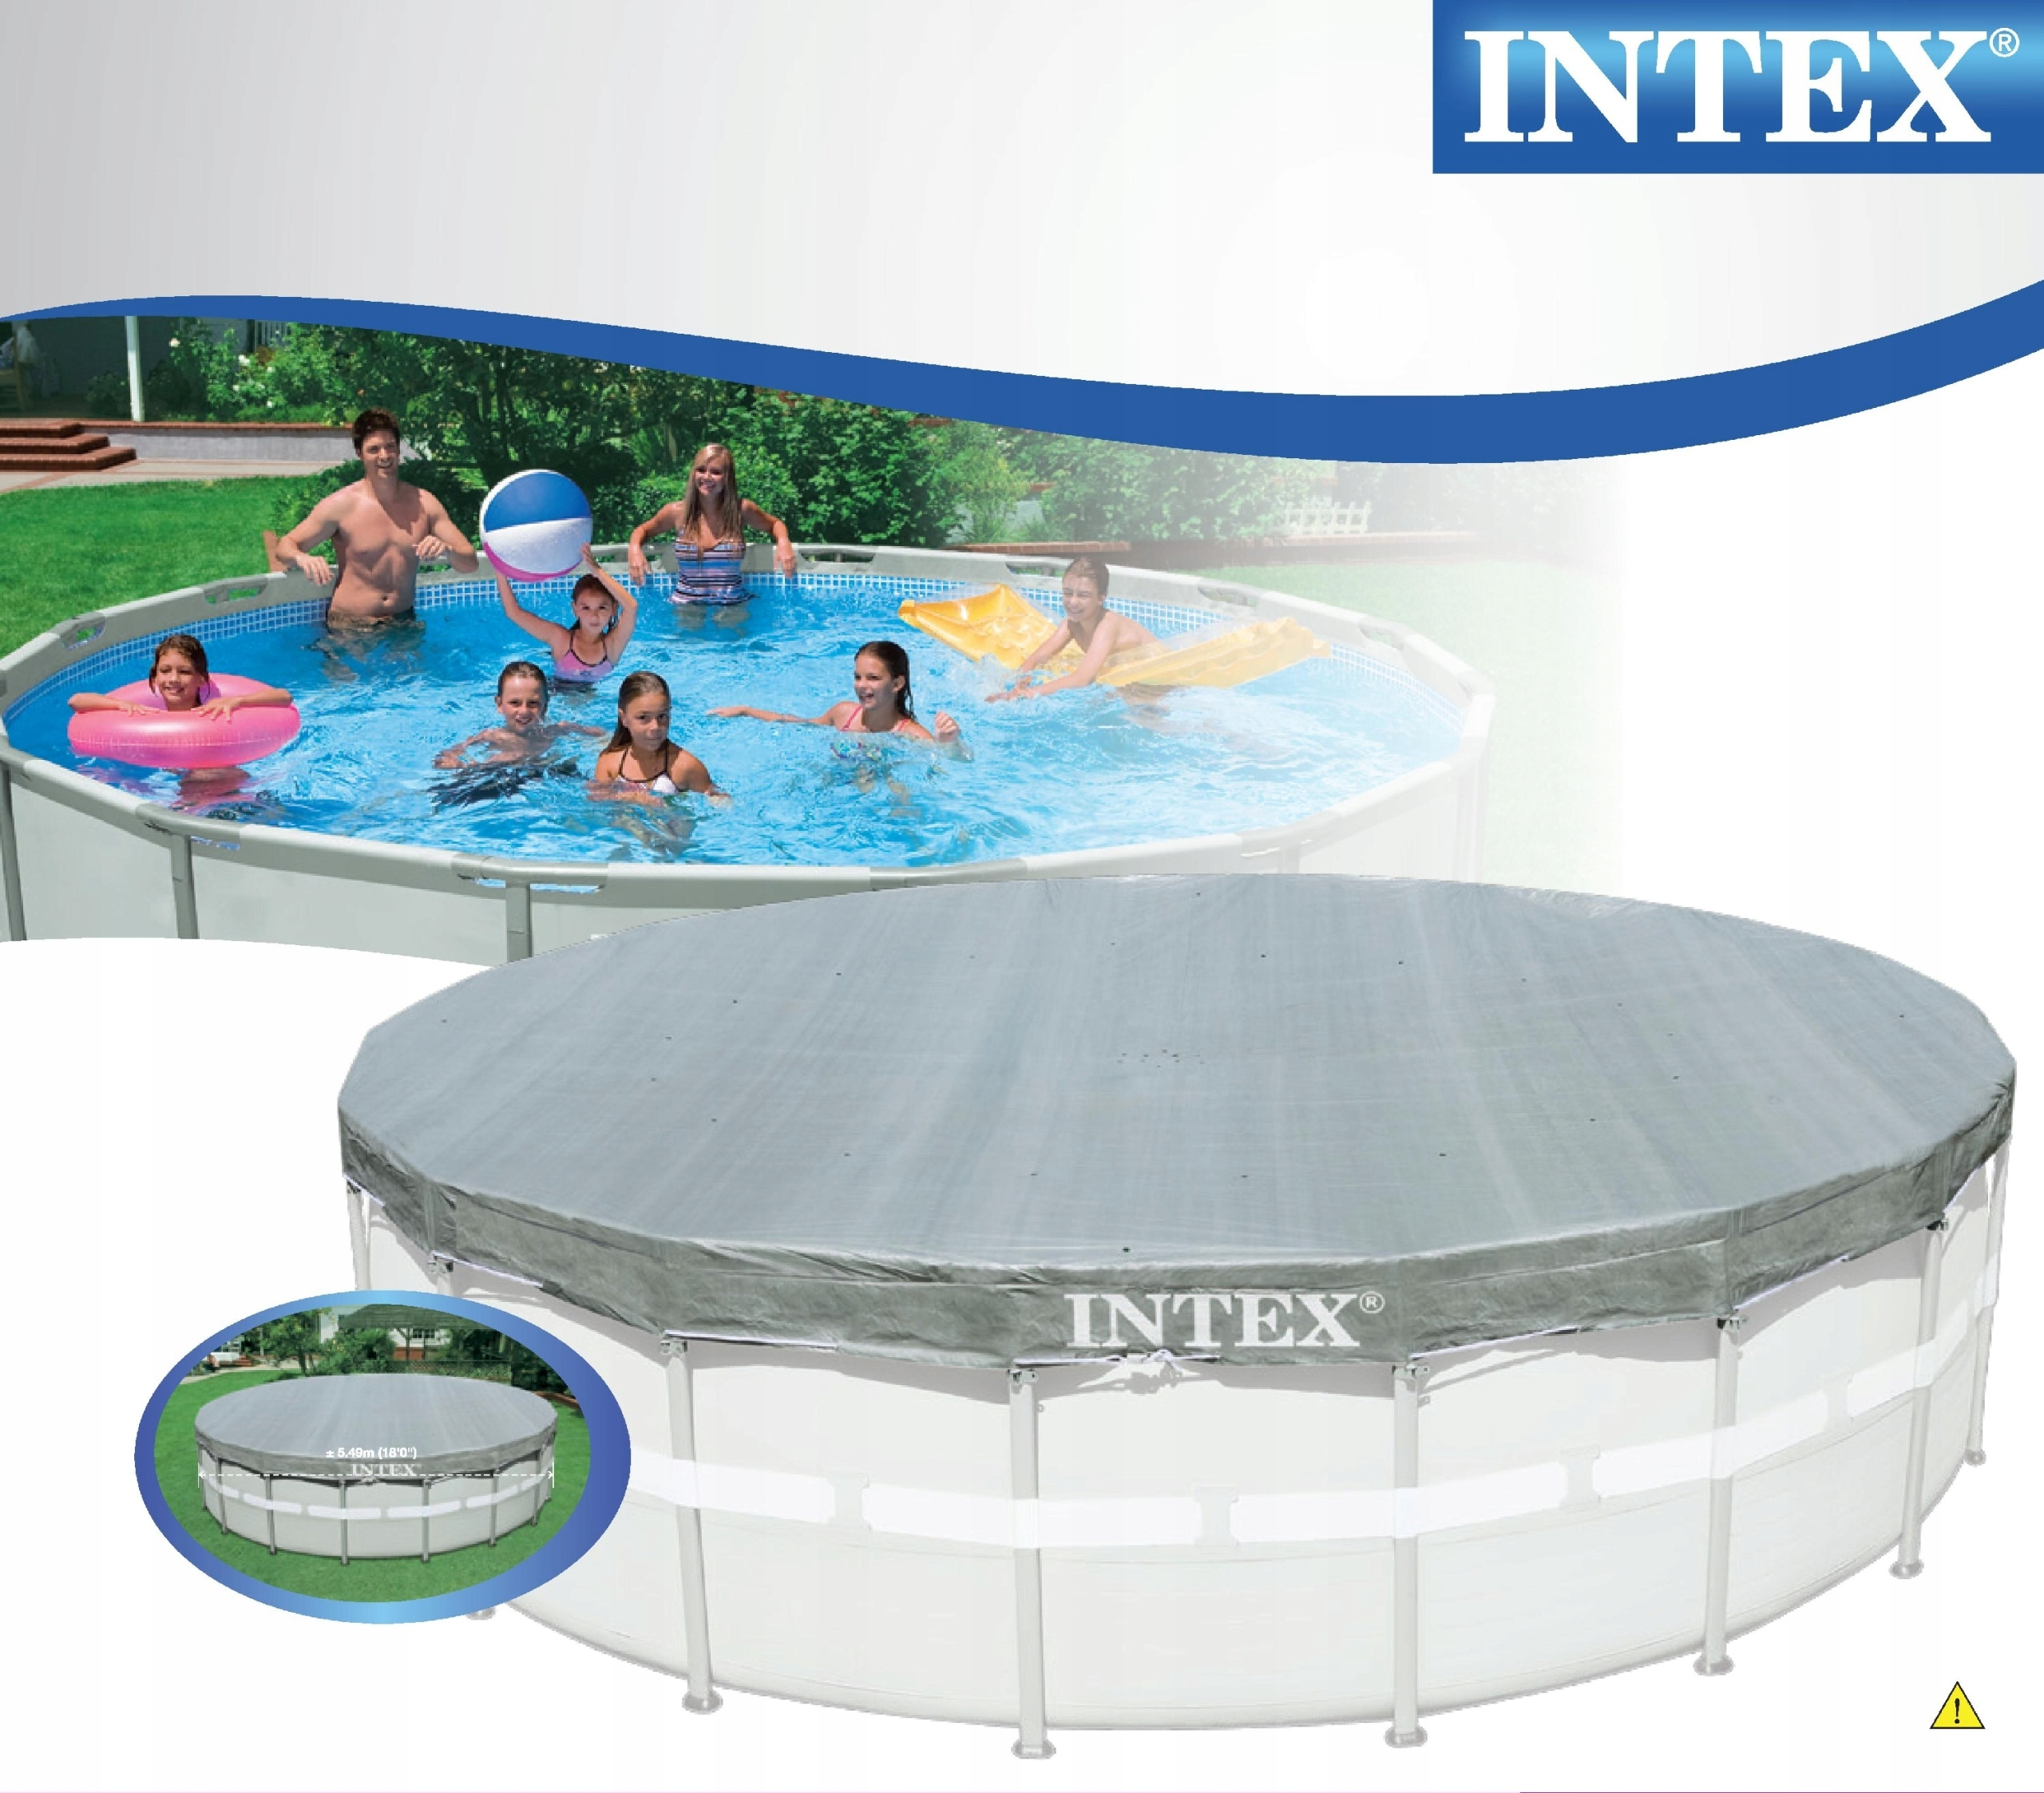 DUŻA POKRYWA BASEN STELAŻOWY 549cm INTEX 28041 Producent Intex